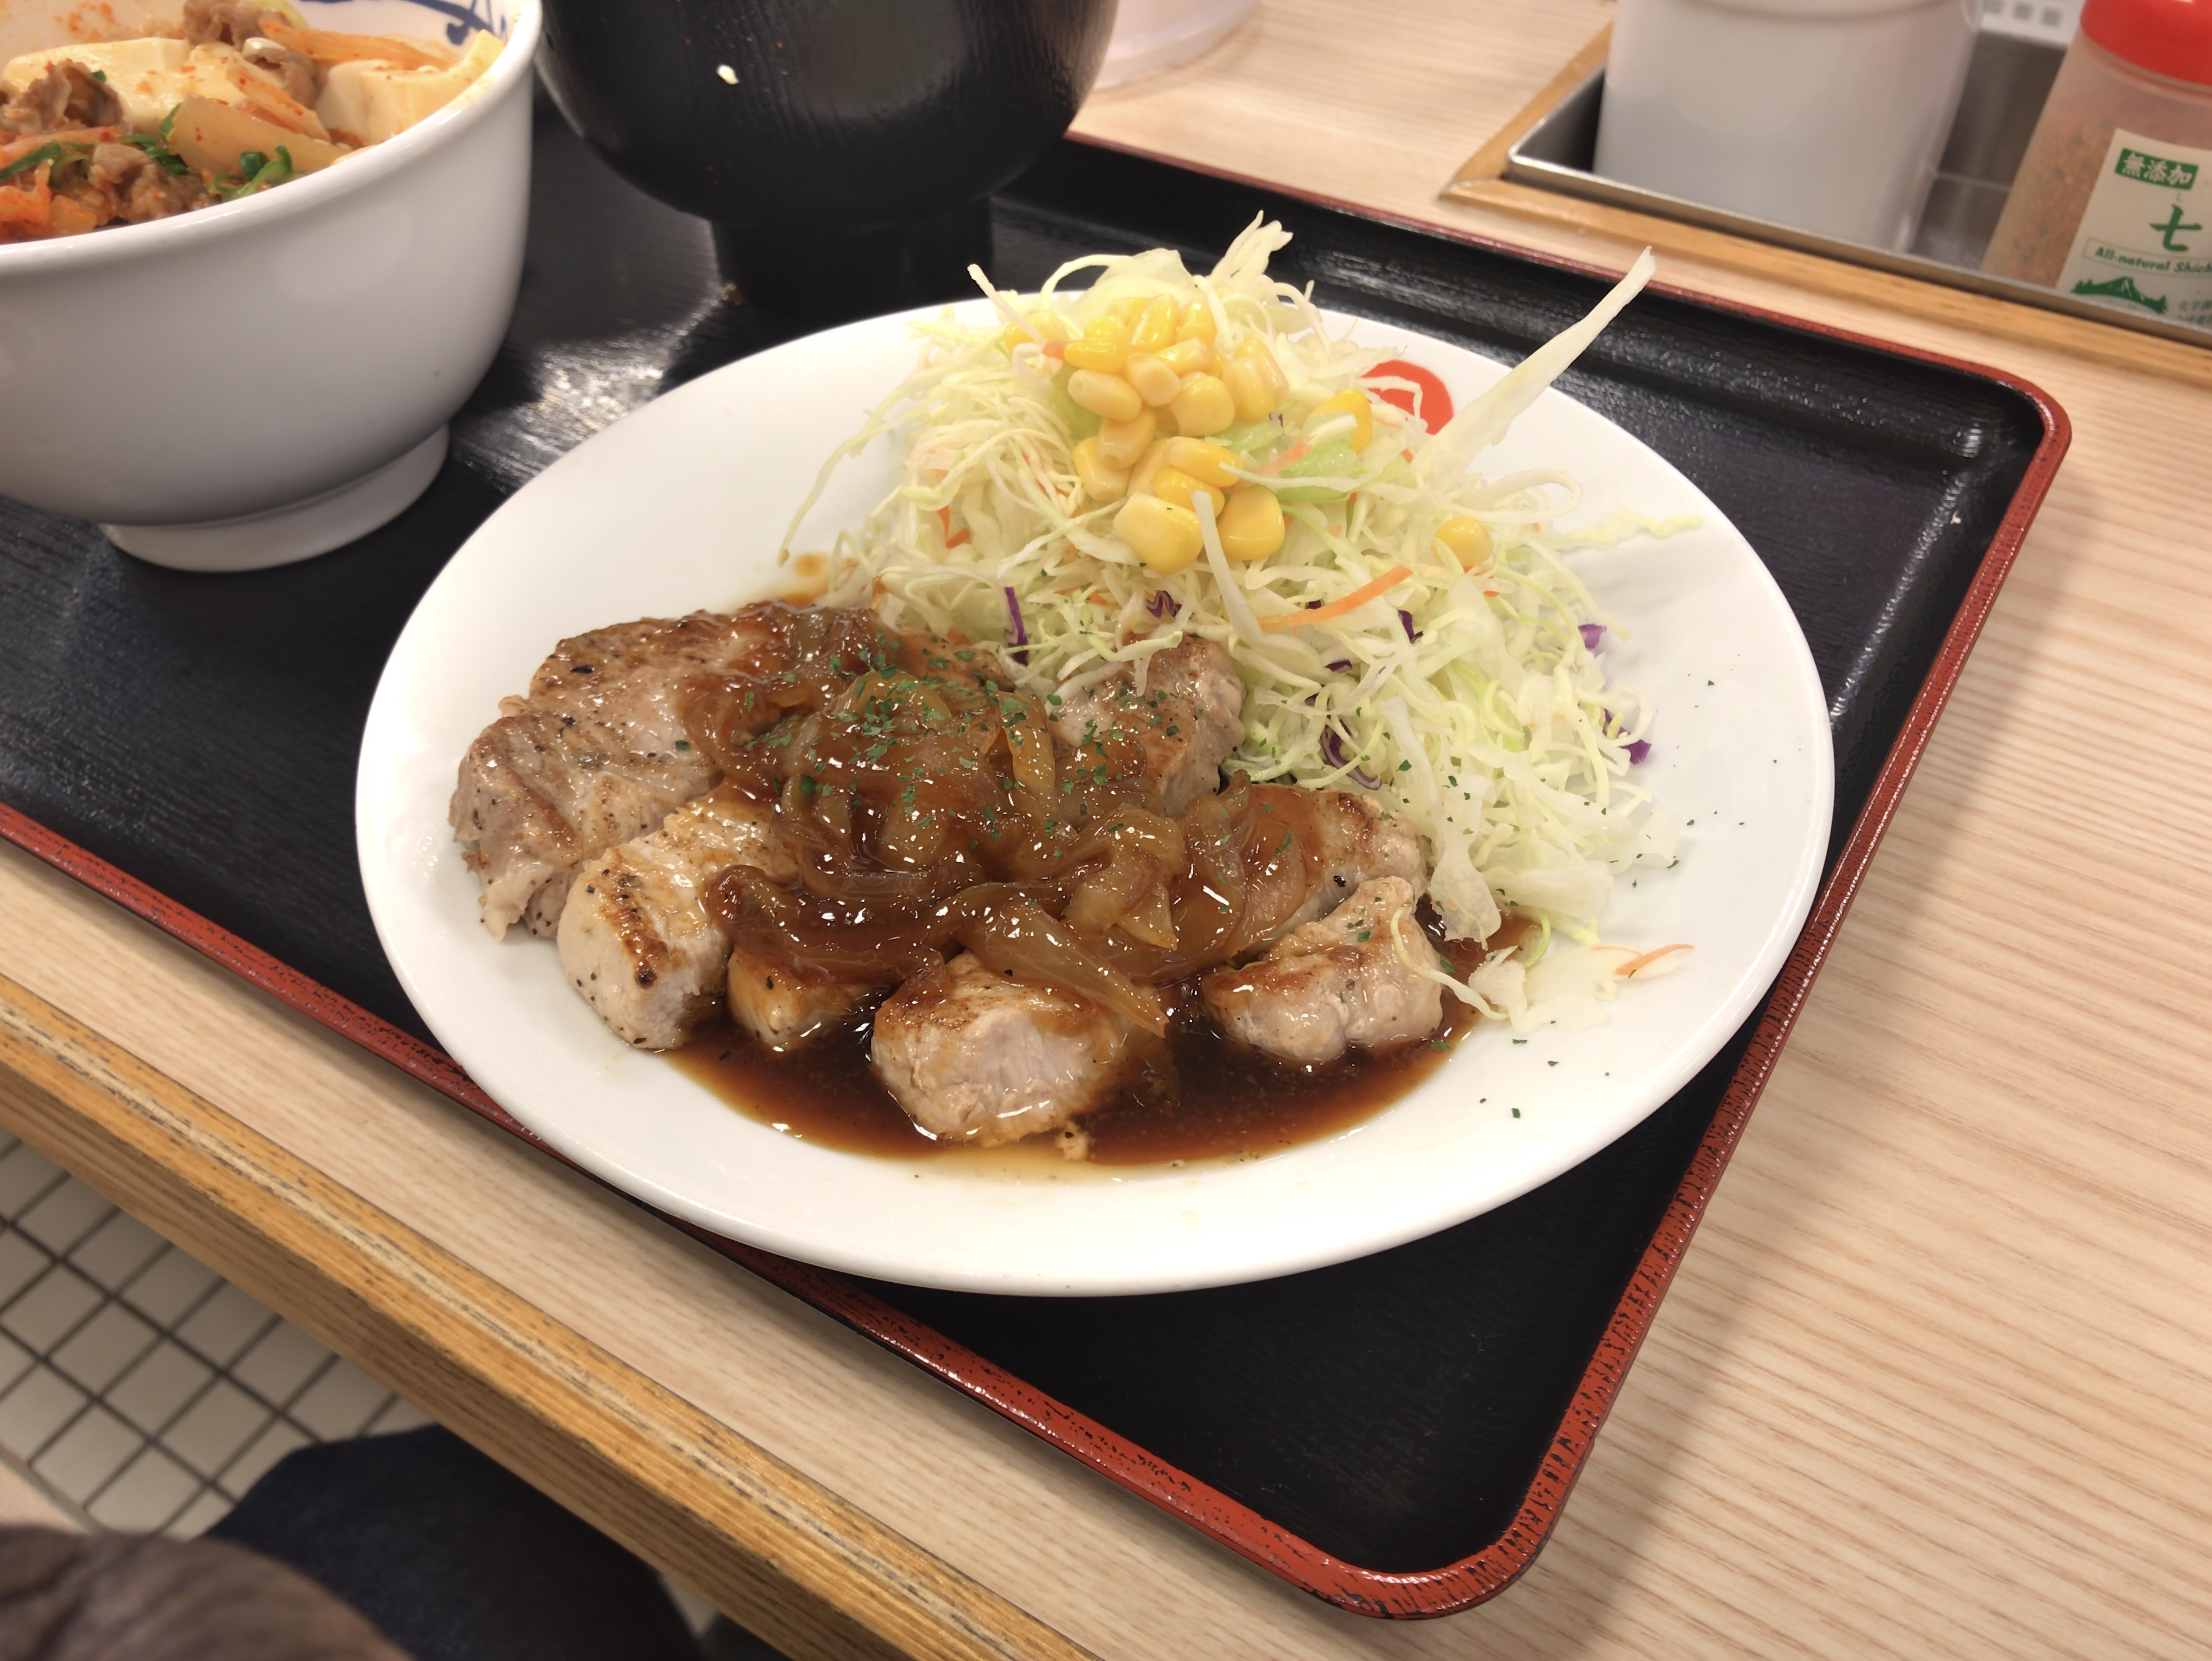 [松屋][厚切りポークステーキ][定食][税込み690円][1004kcal]